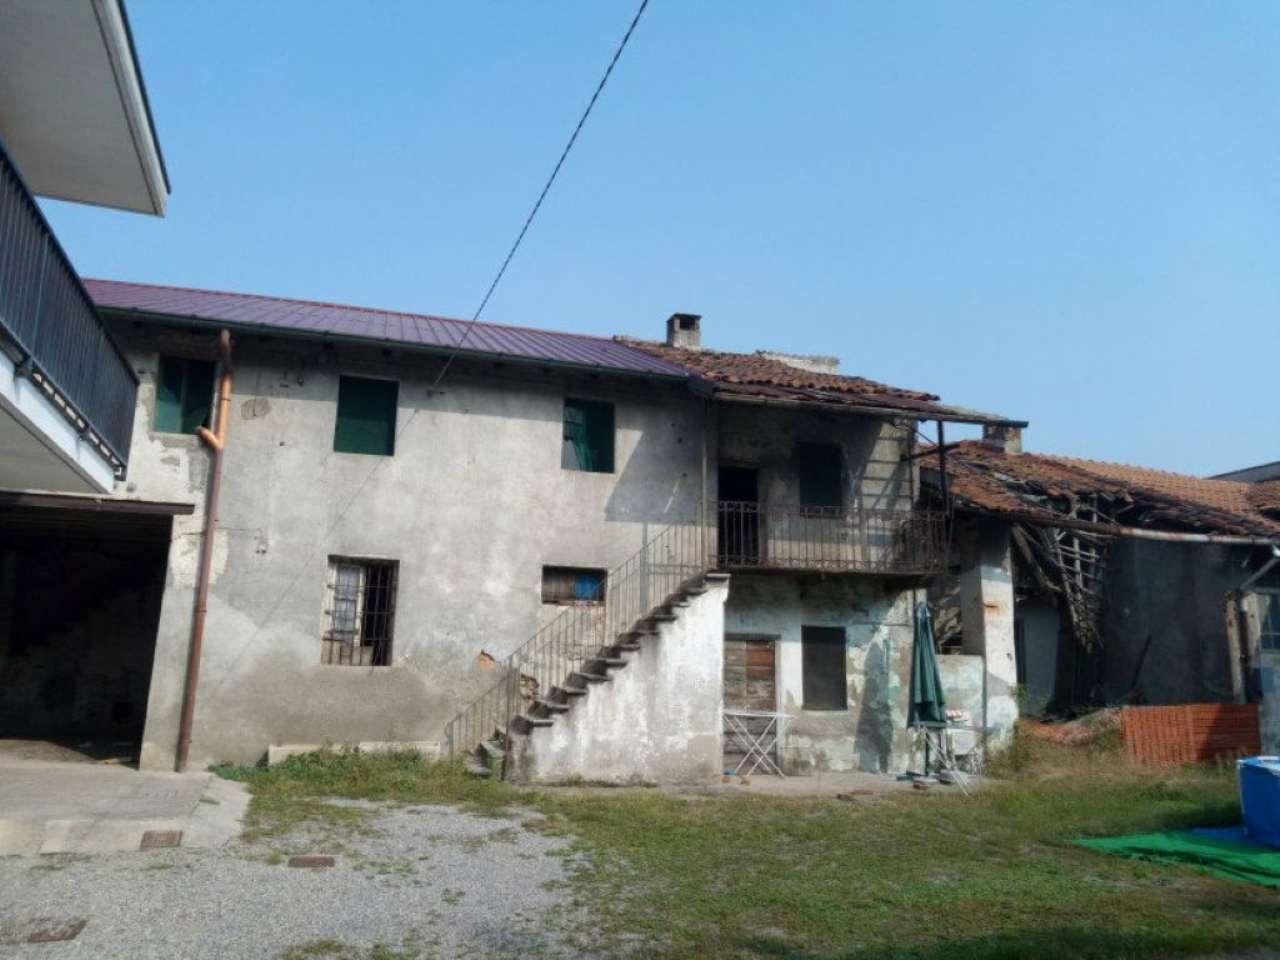 Rustico / Casale in vendita a Rovello Porro, 6 locali, prezzo € 65.000 | Cambio Casa.it